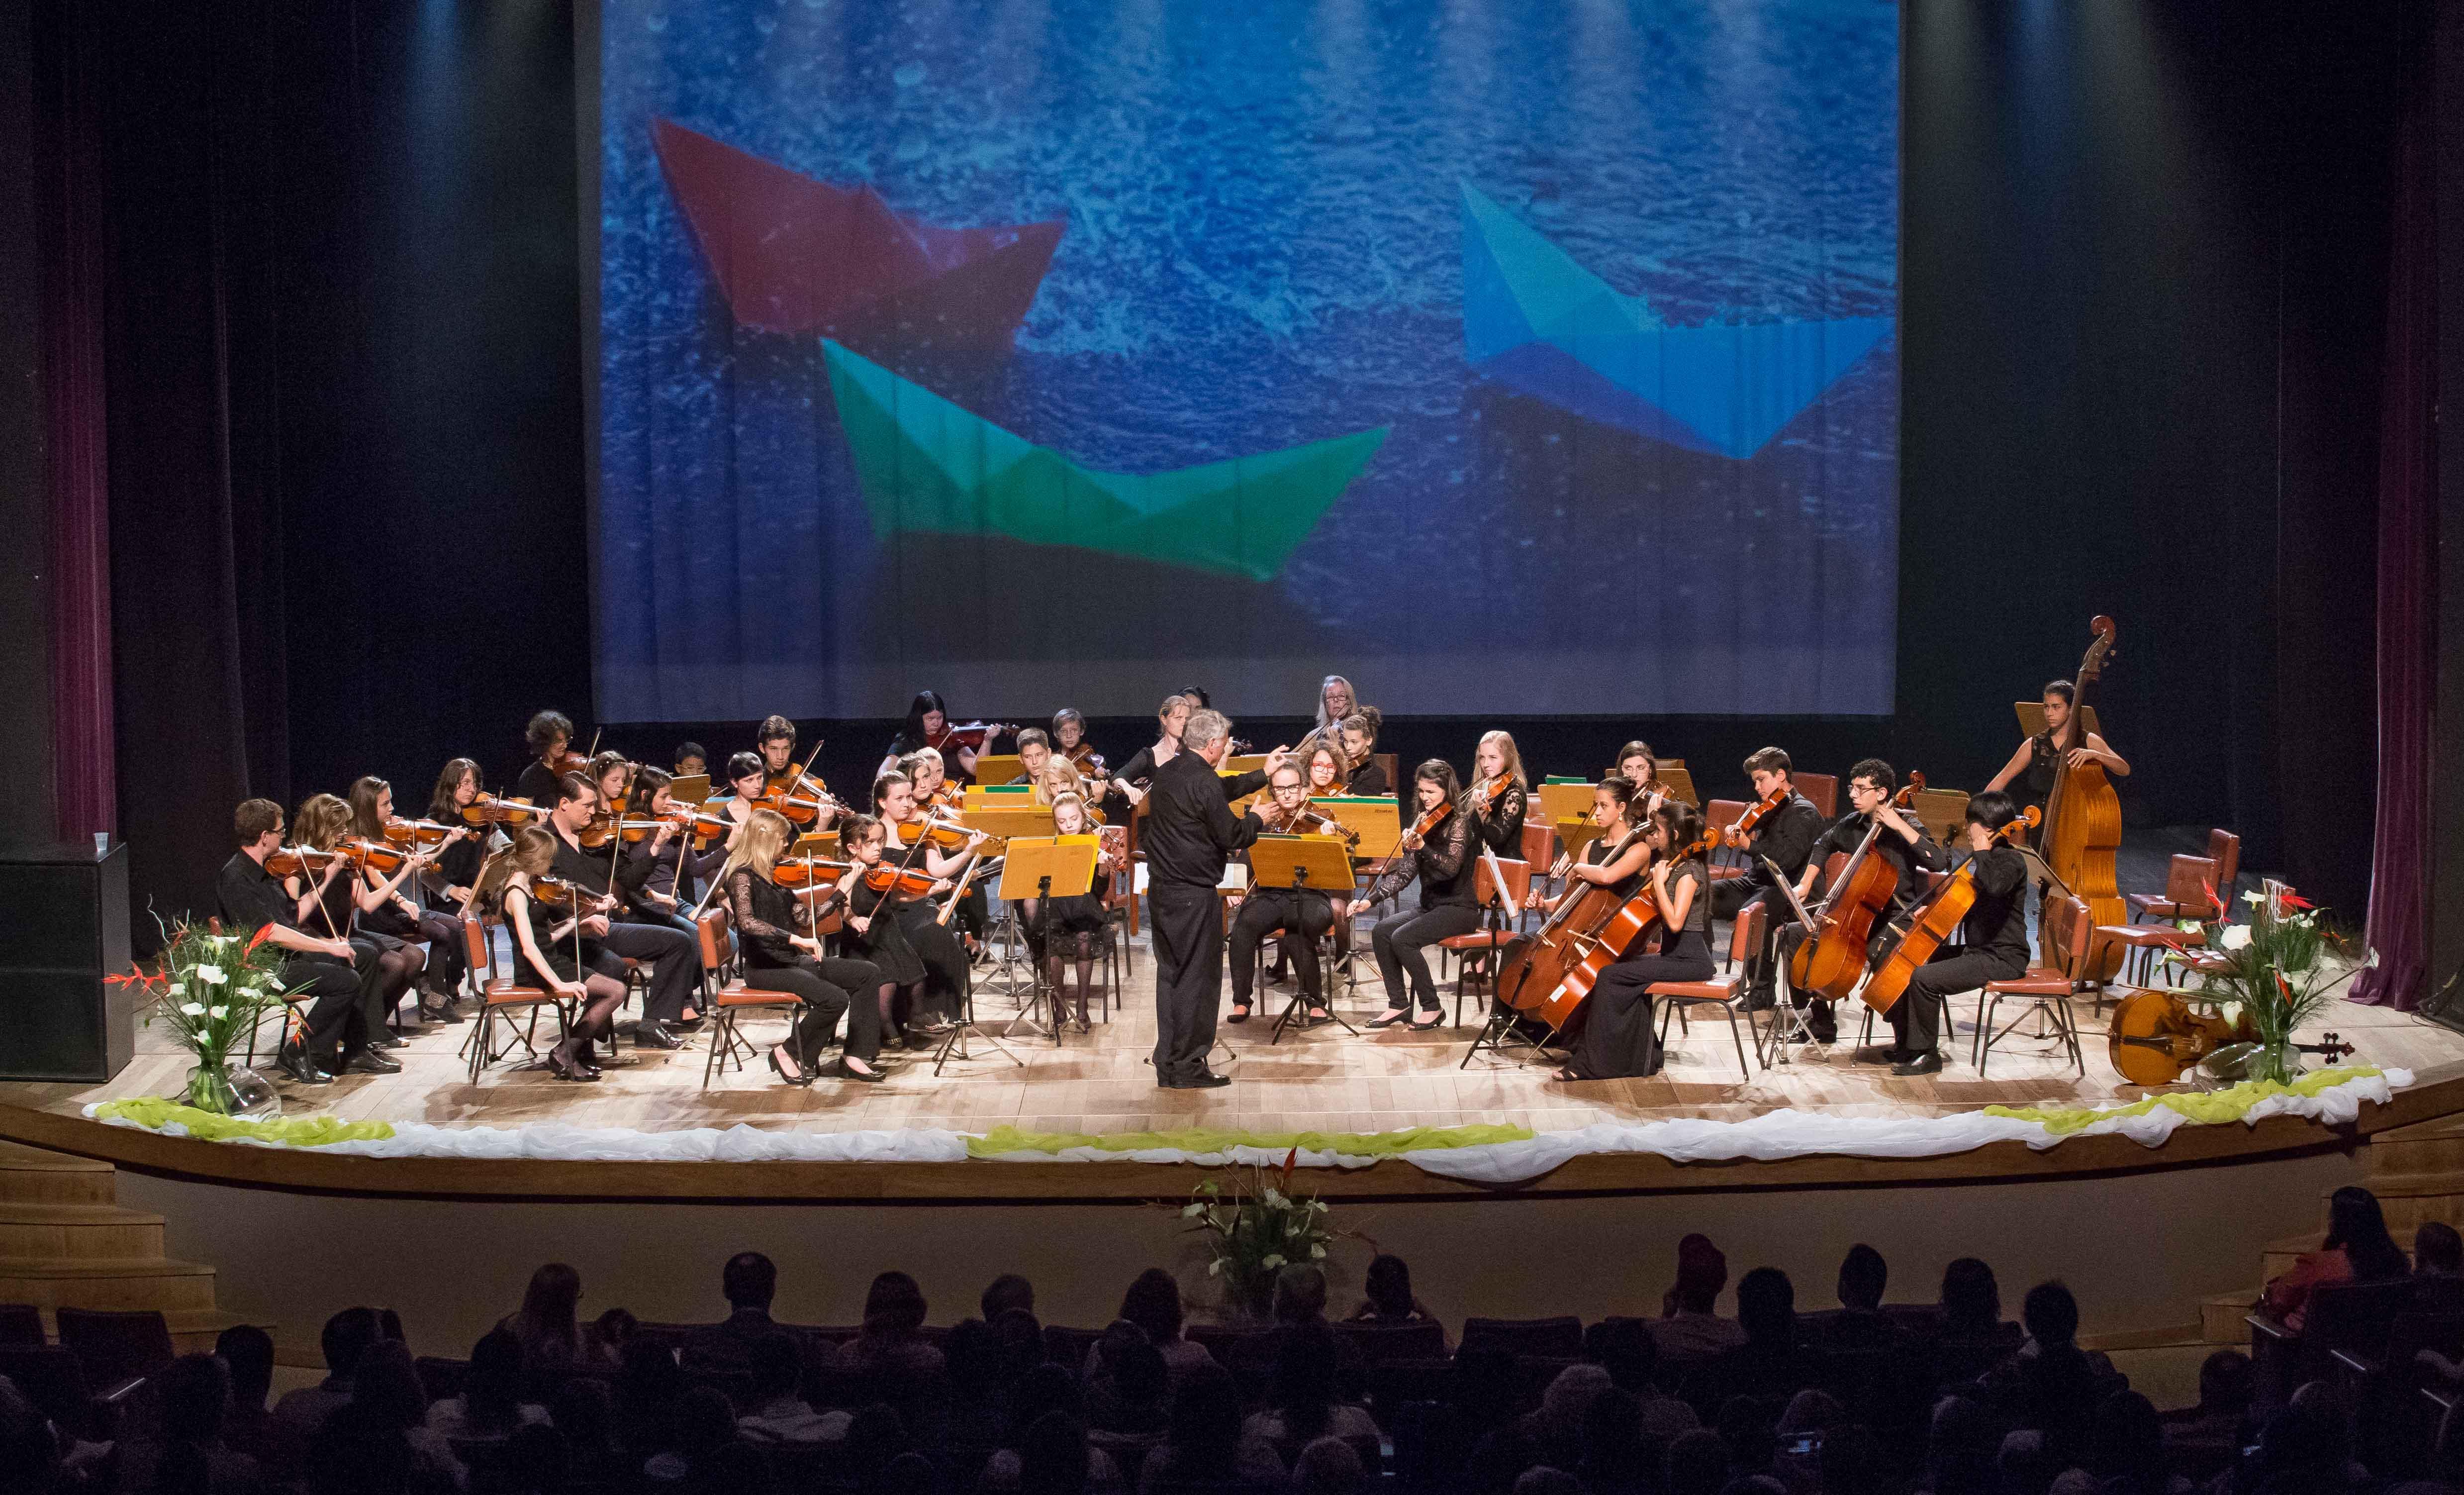 Concerto de Inverno é atração de domingo (19) na Scar em Jaraguá do Sul (SC)